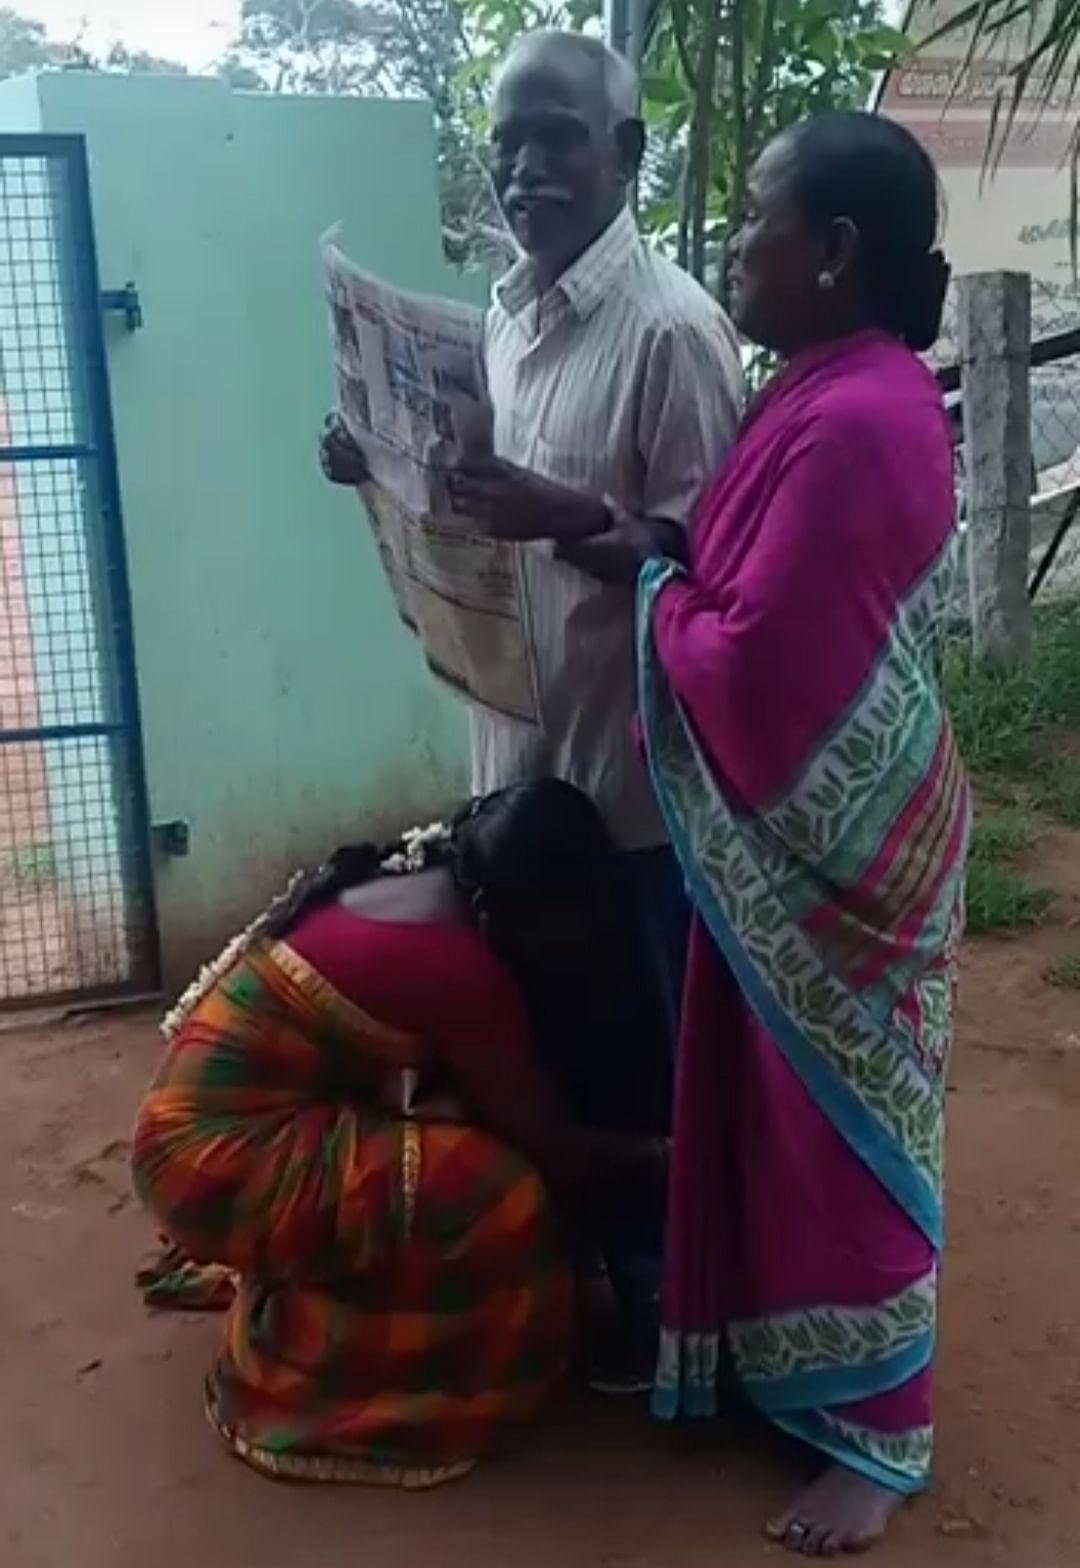 பேஸ்புக் பதிவால்சேர்ந்த குடும்பம்